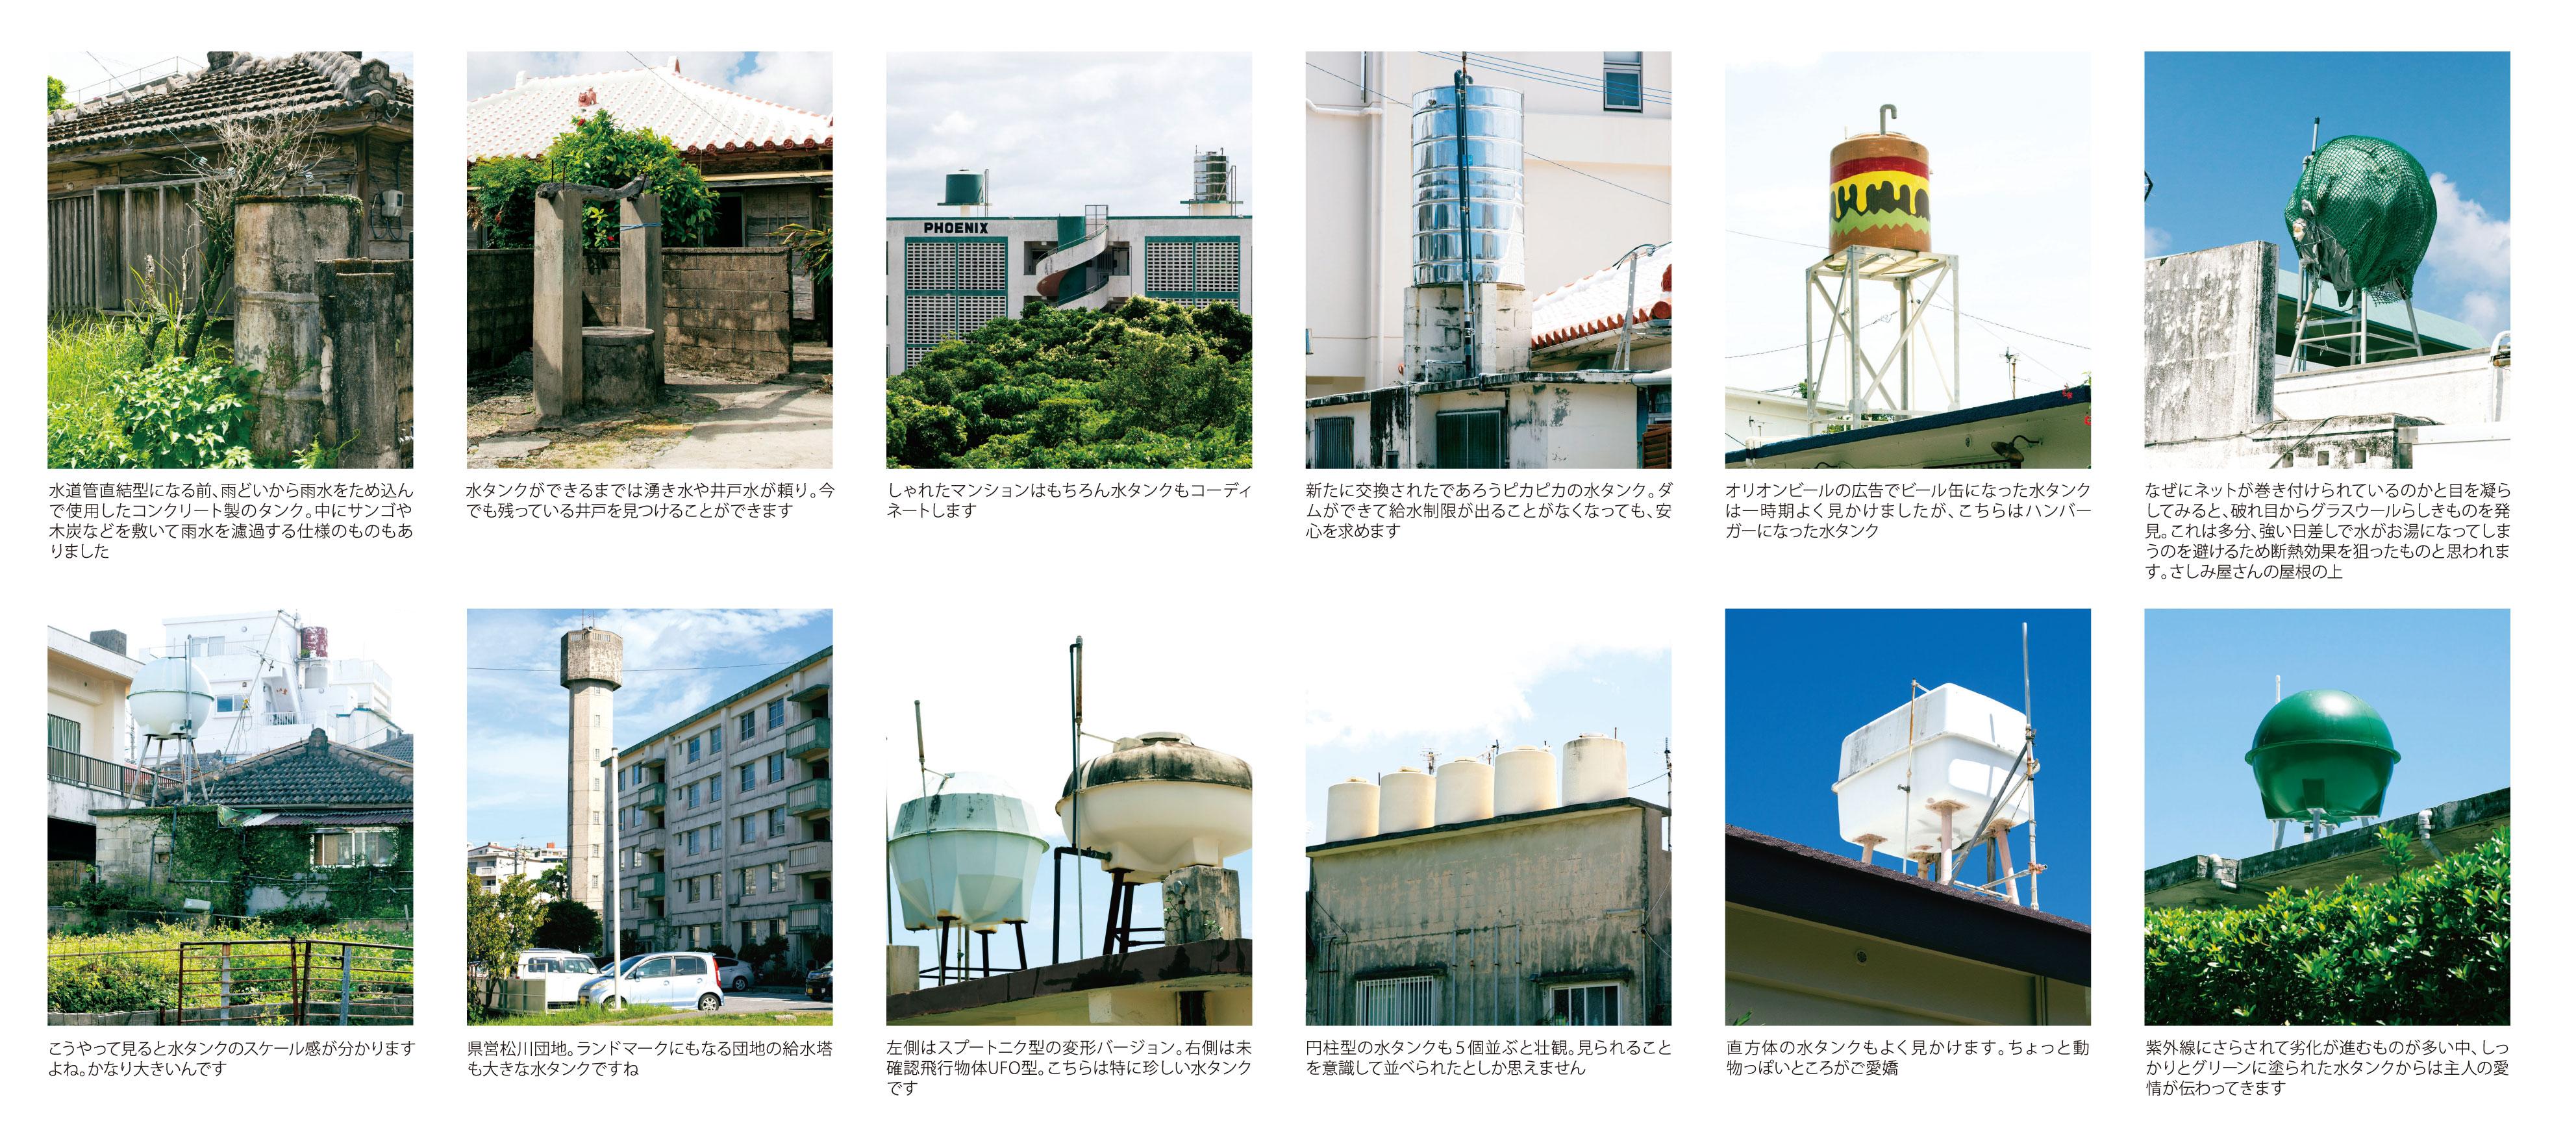 沖縄島建築 インサイドストーリー Episode5  夢見る 水タンク